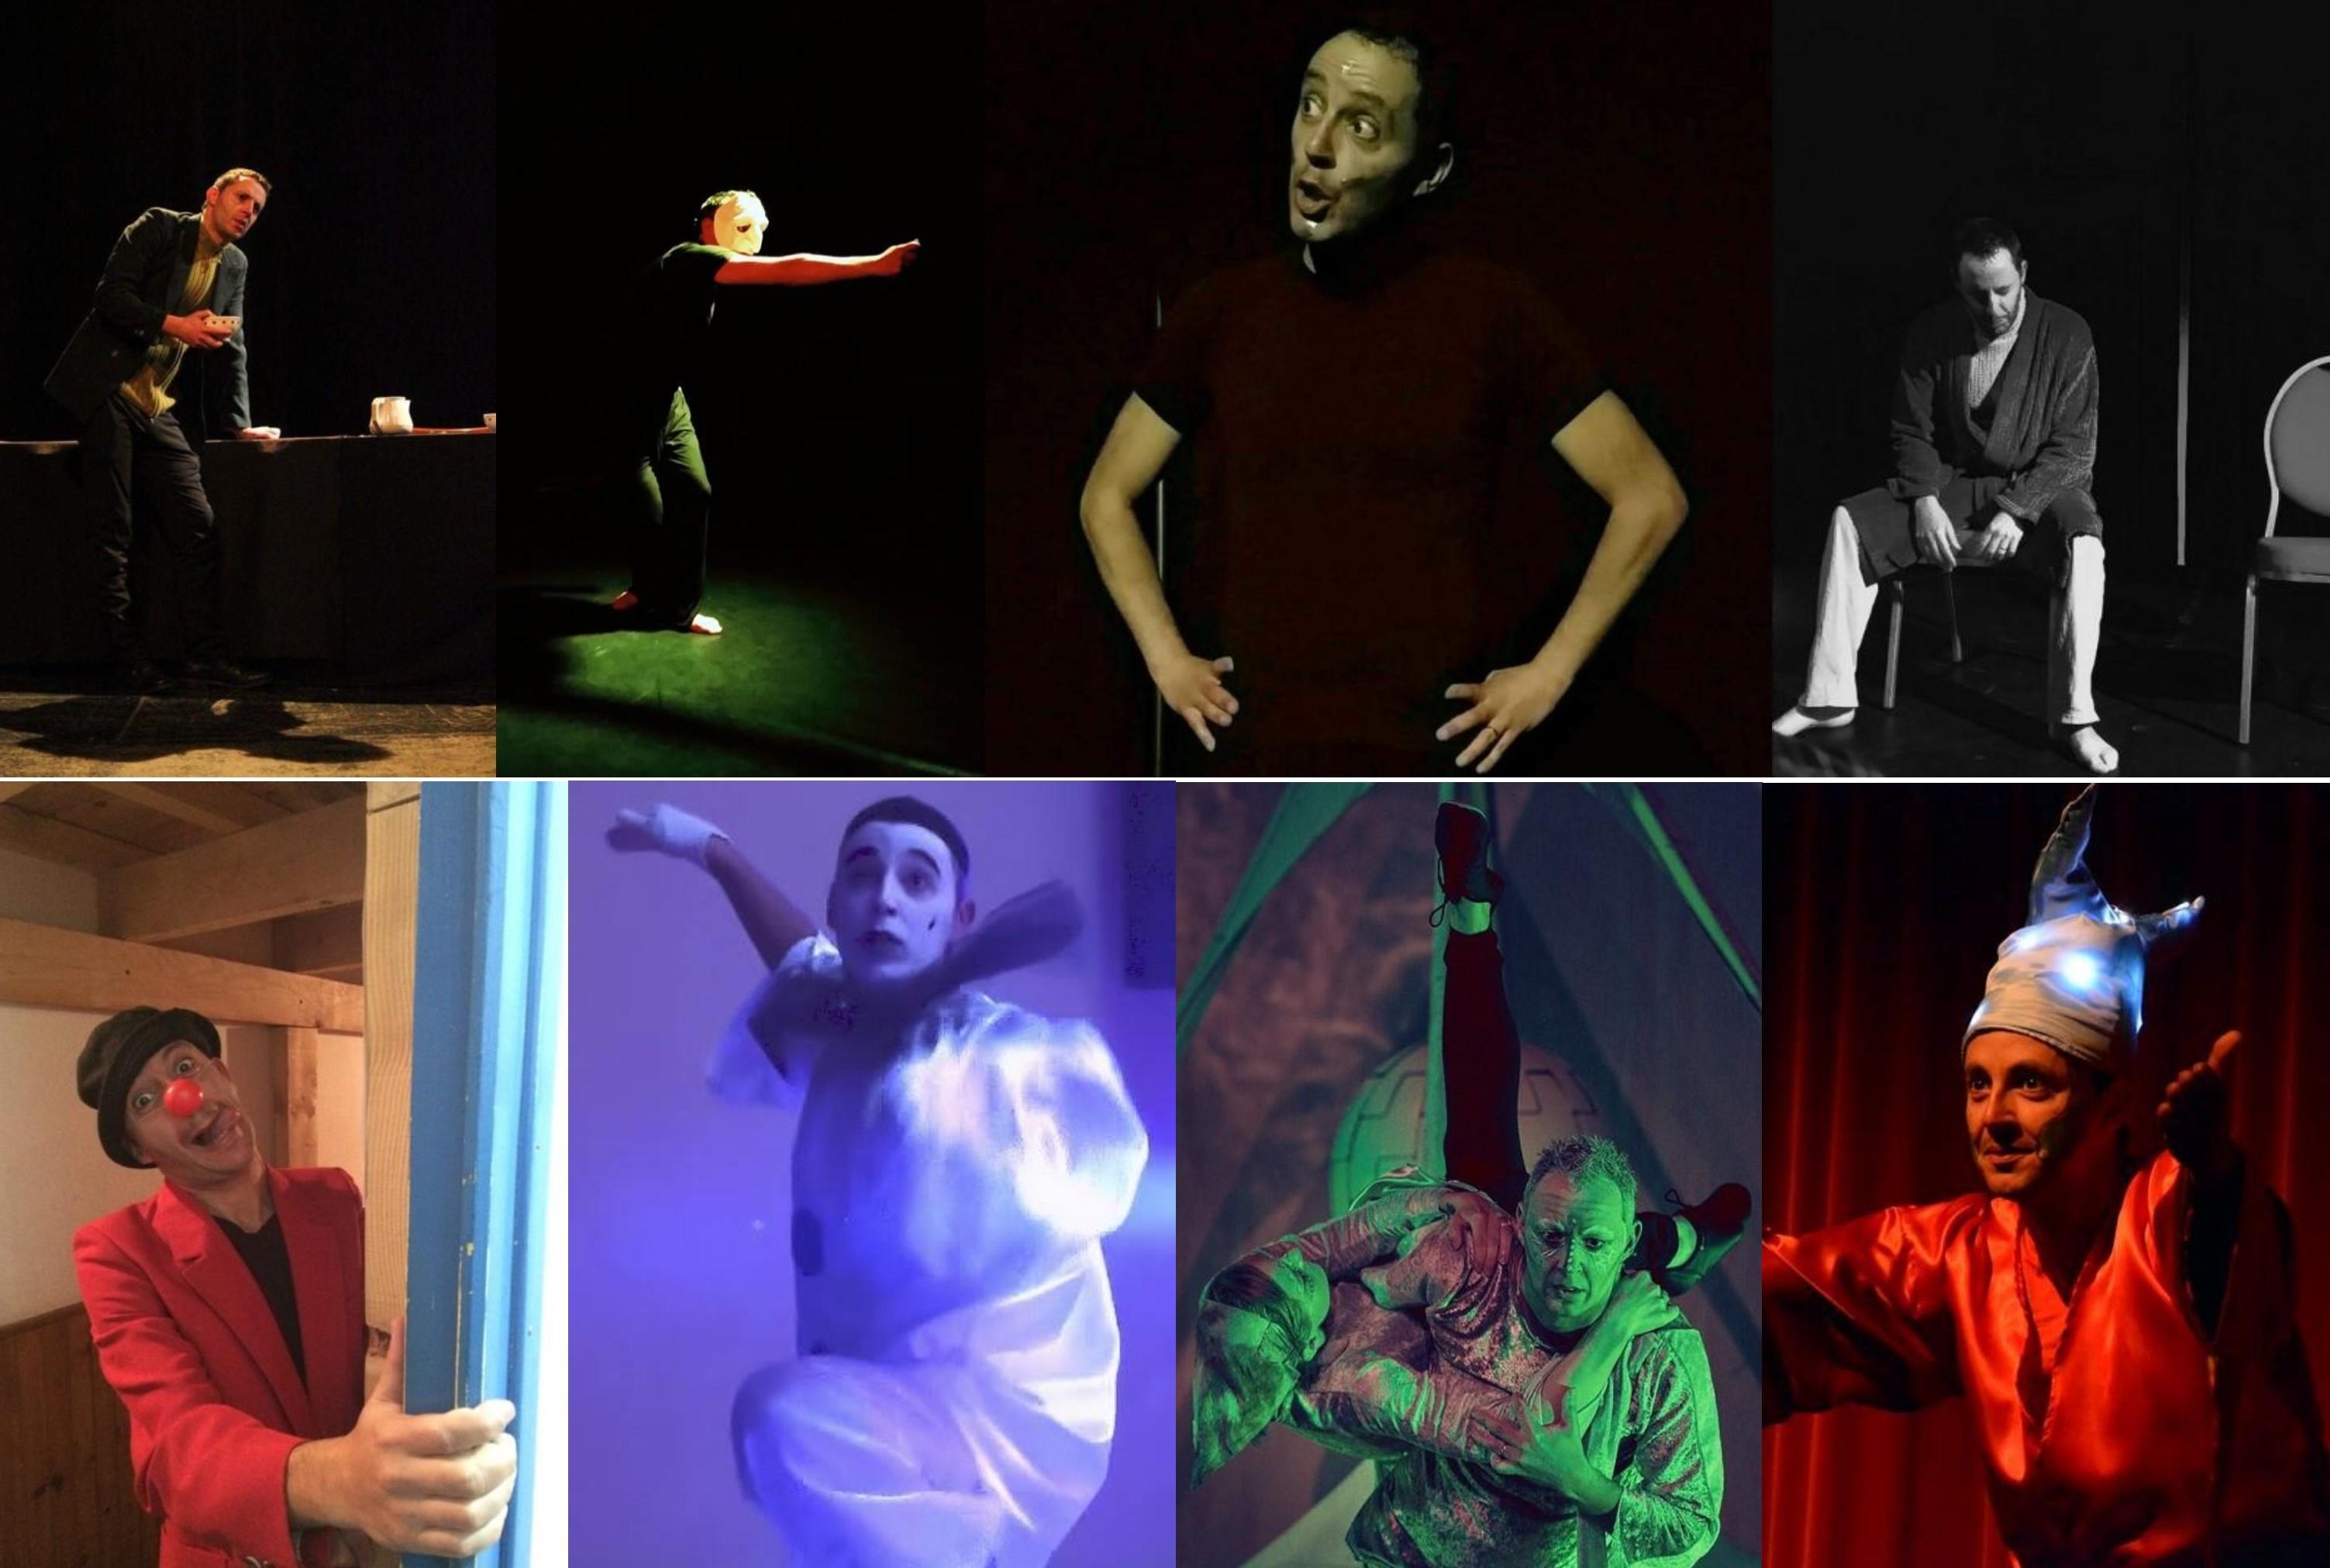 ECM espace comedie musicale chant danse theatre cinema